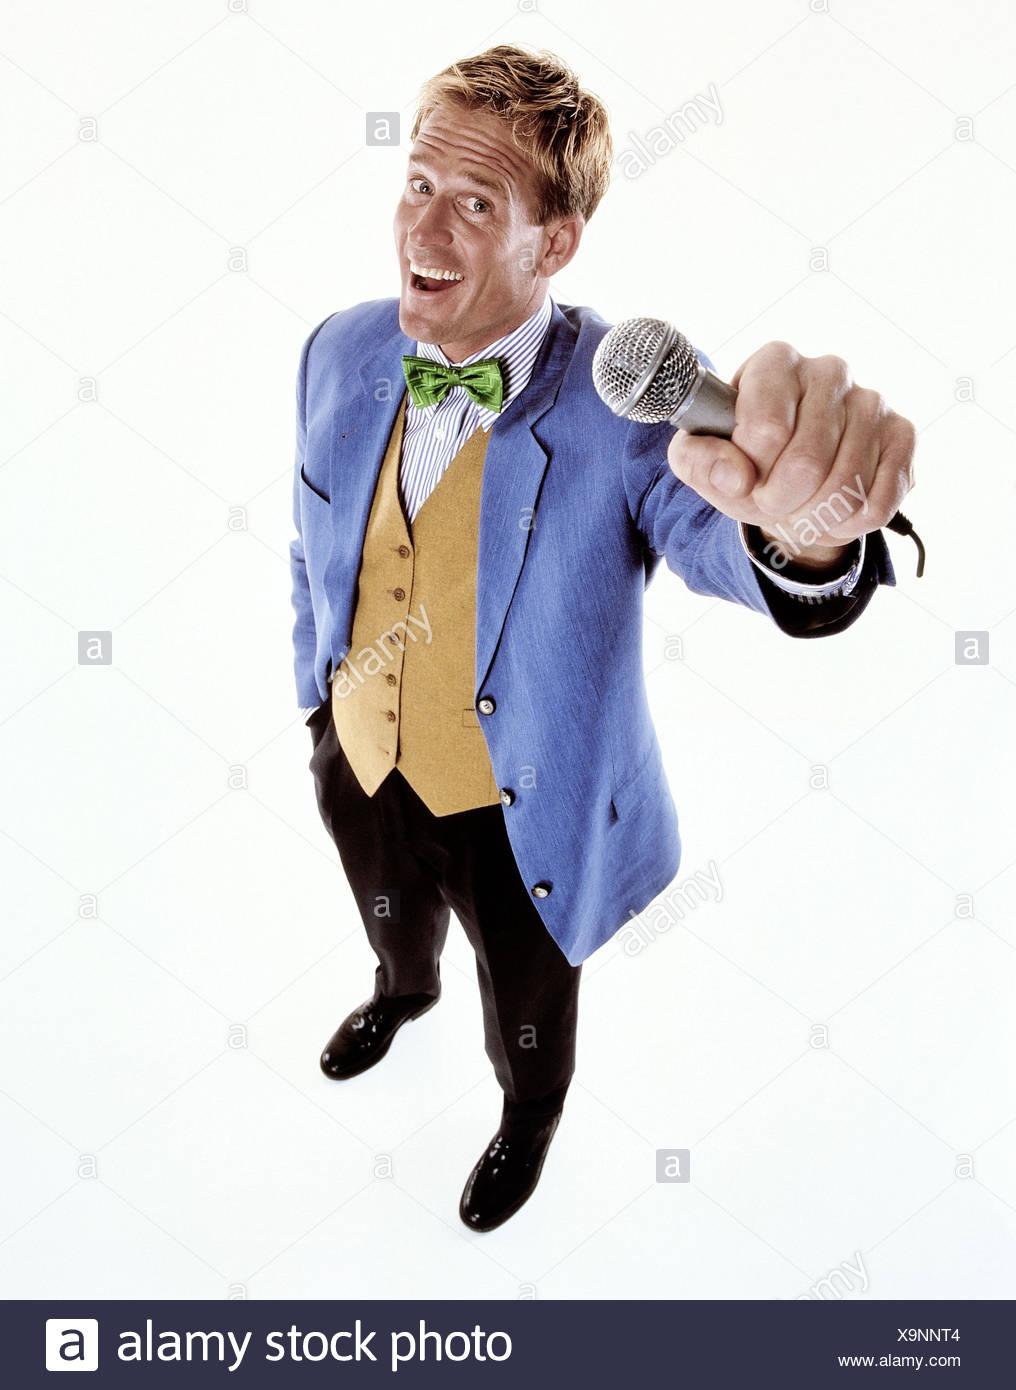 Reporters, sport giacca blu, microfono, richiesta, intervista, gesto, uomini, relazione, giornalista, uomo, copertura, felice, intervista, ridere, gioia, professione, stampa, media, ritagli, studio, Immagini Stock